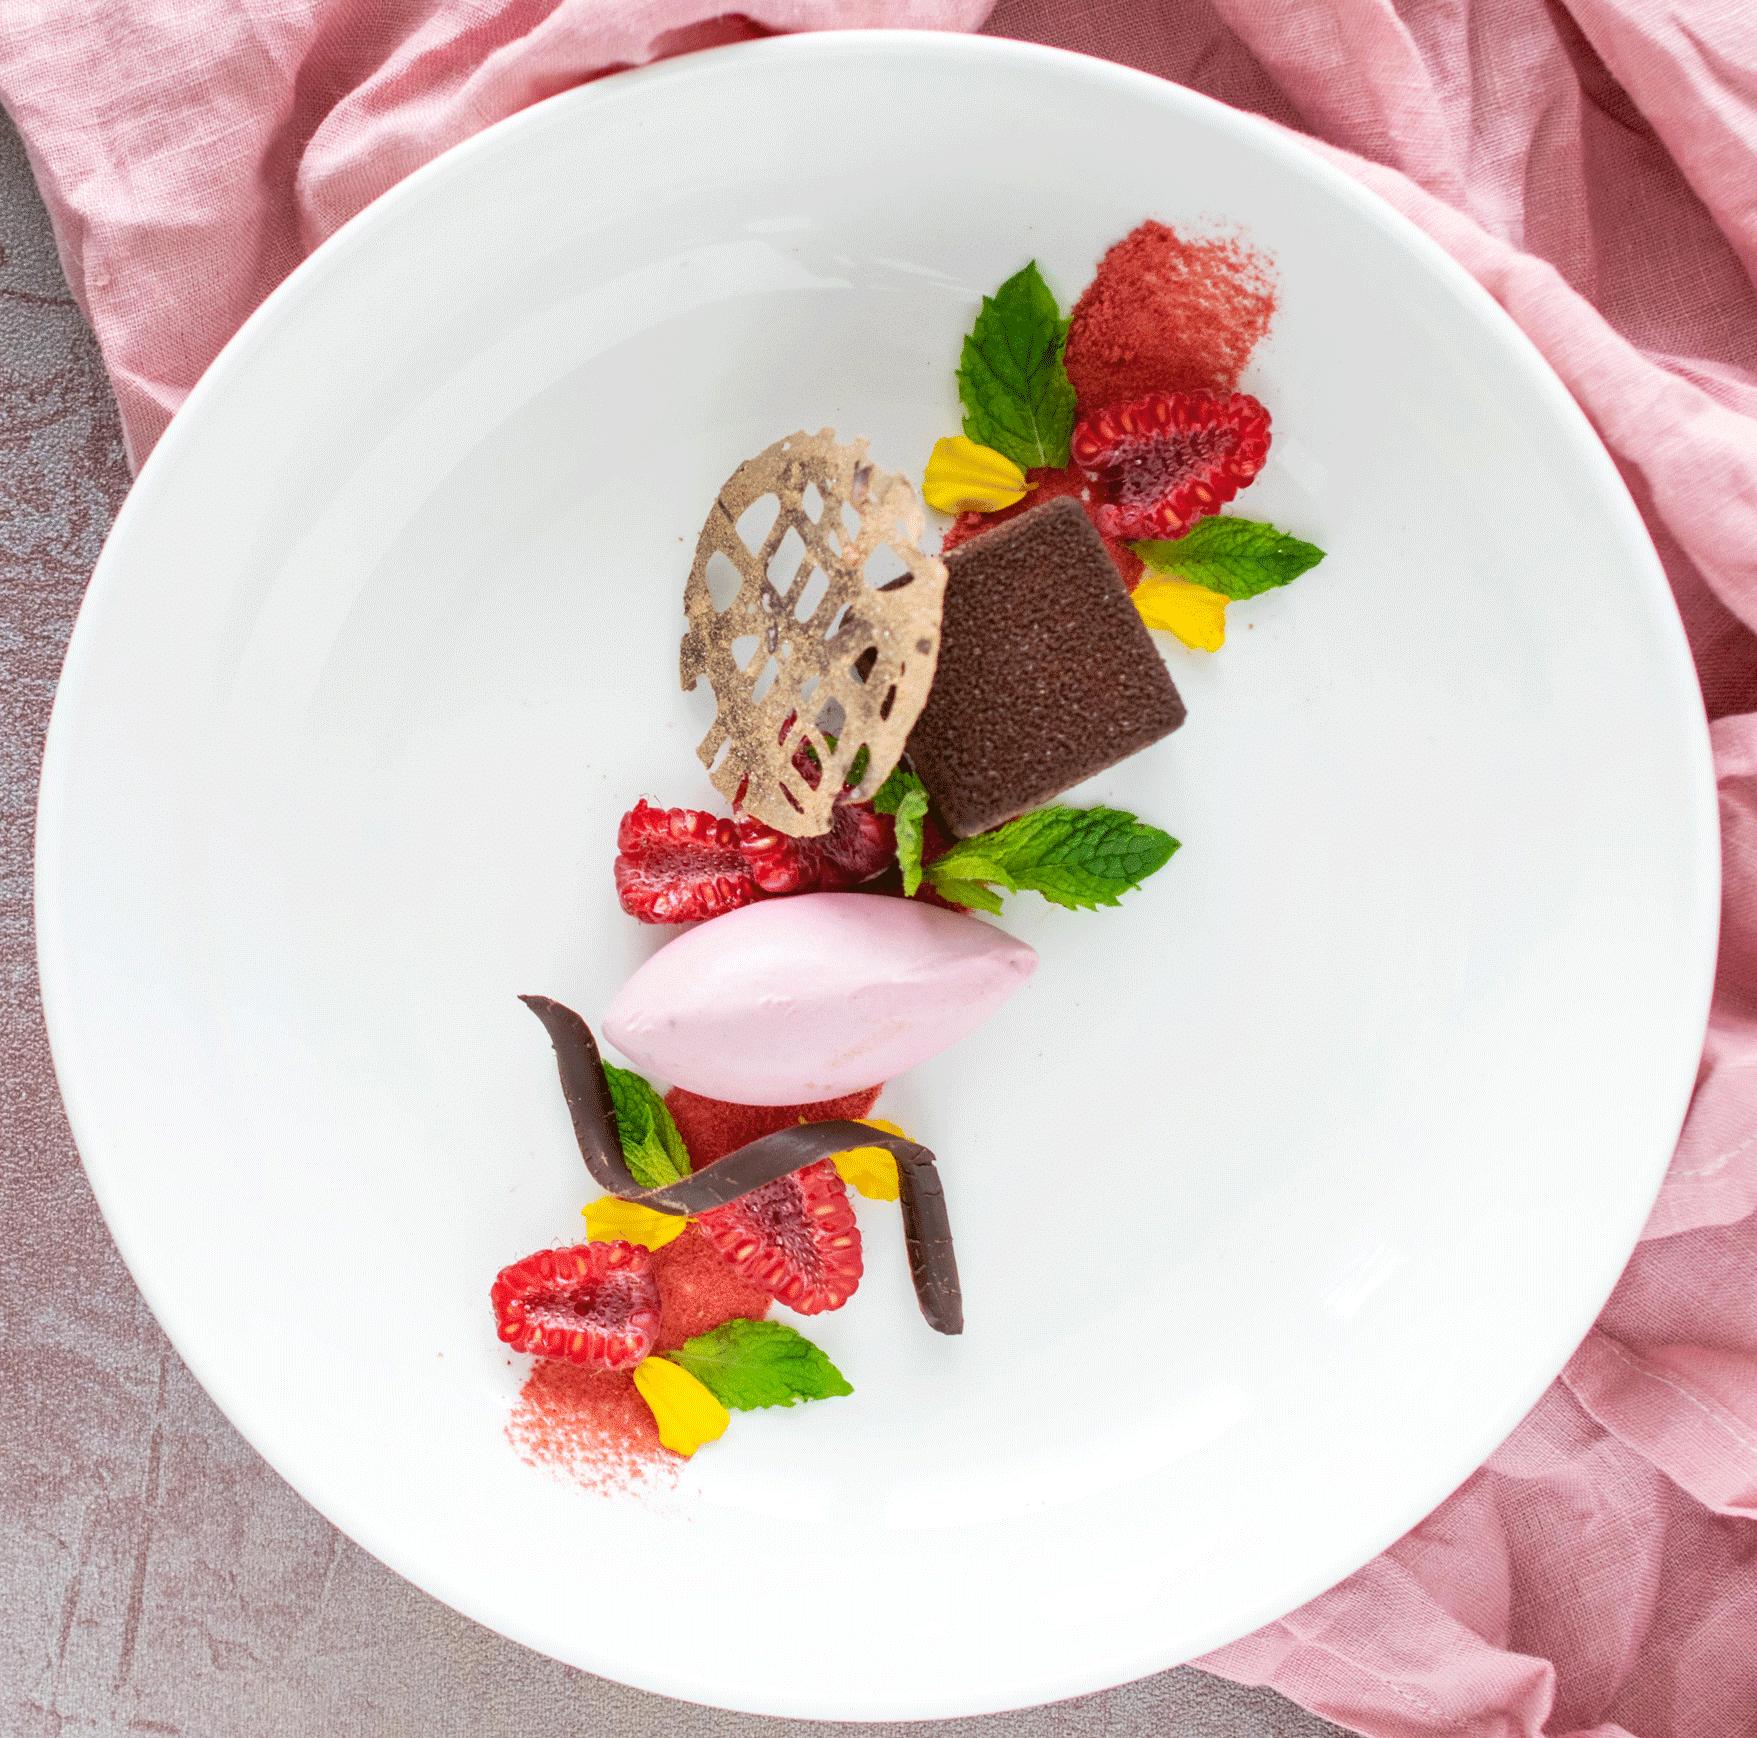 online raw desserts course